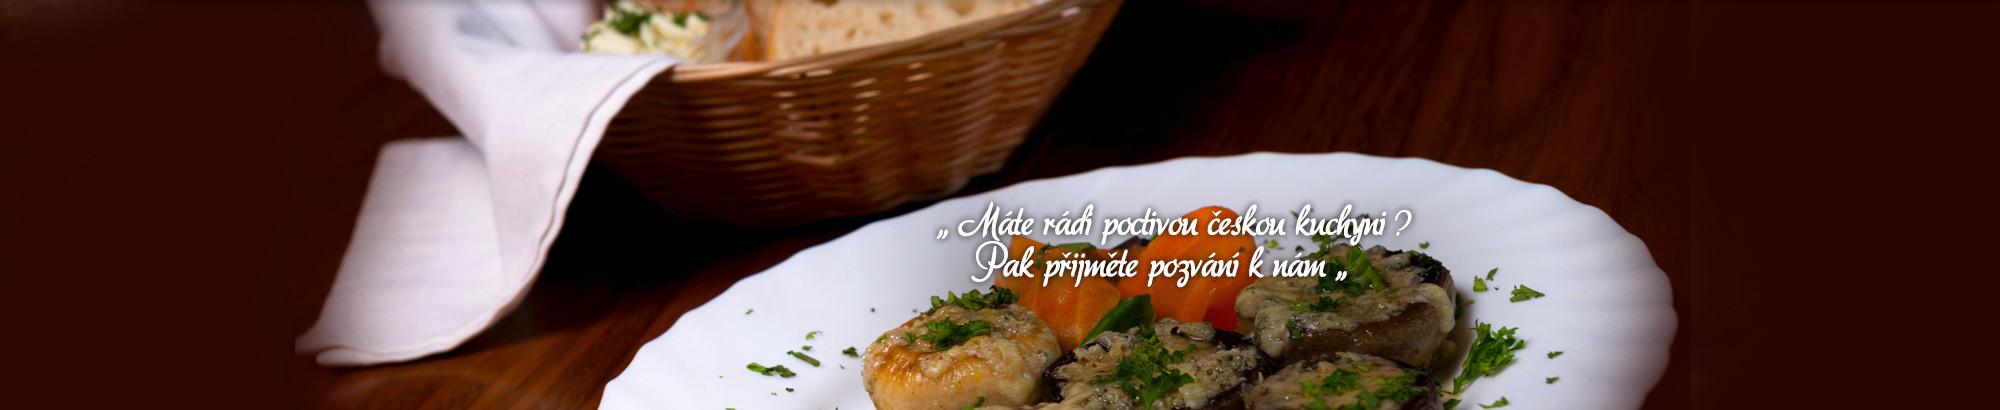 Poctivá česká kuchyně